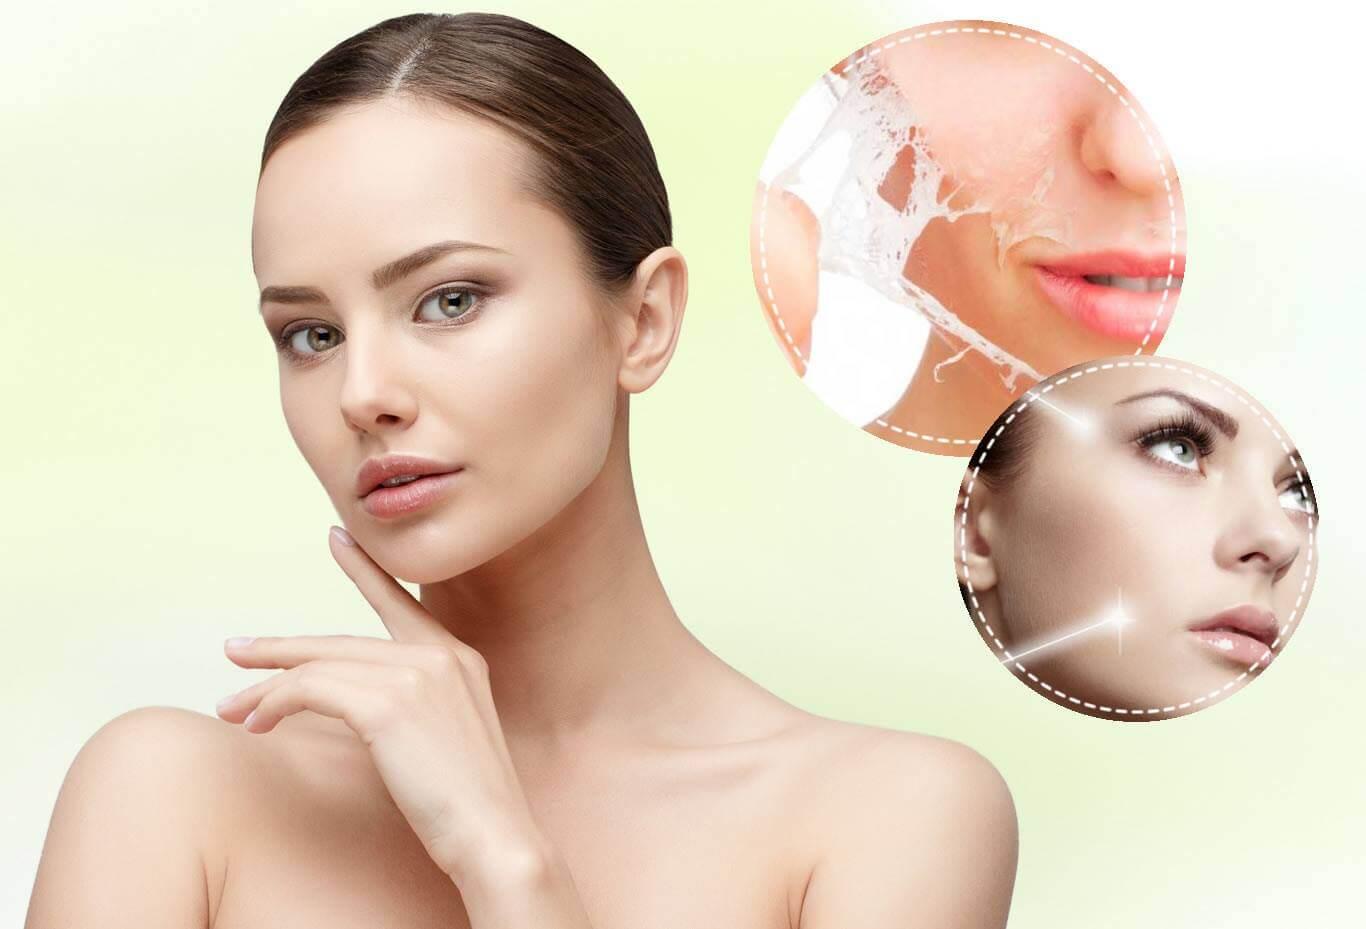 Pele renovada – 5 Peelings caseiros para ter uma pele bonita, jovem e saudável